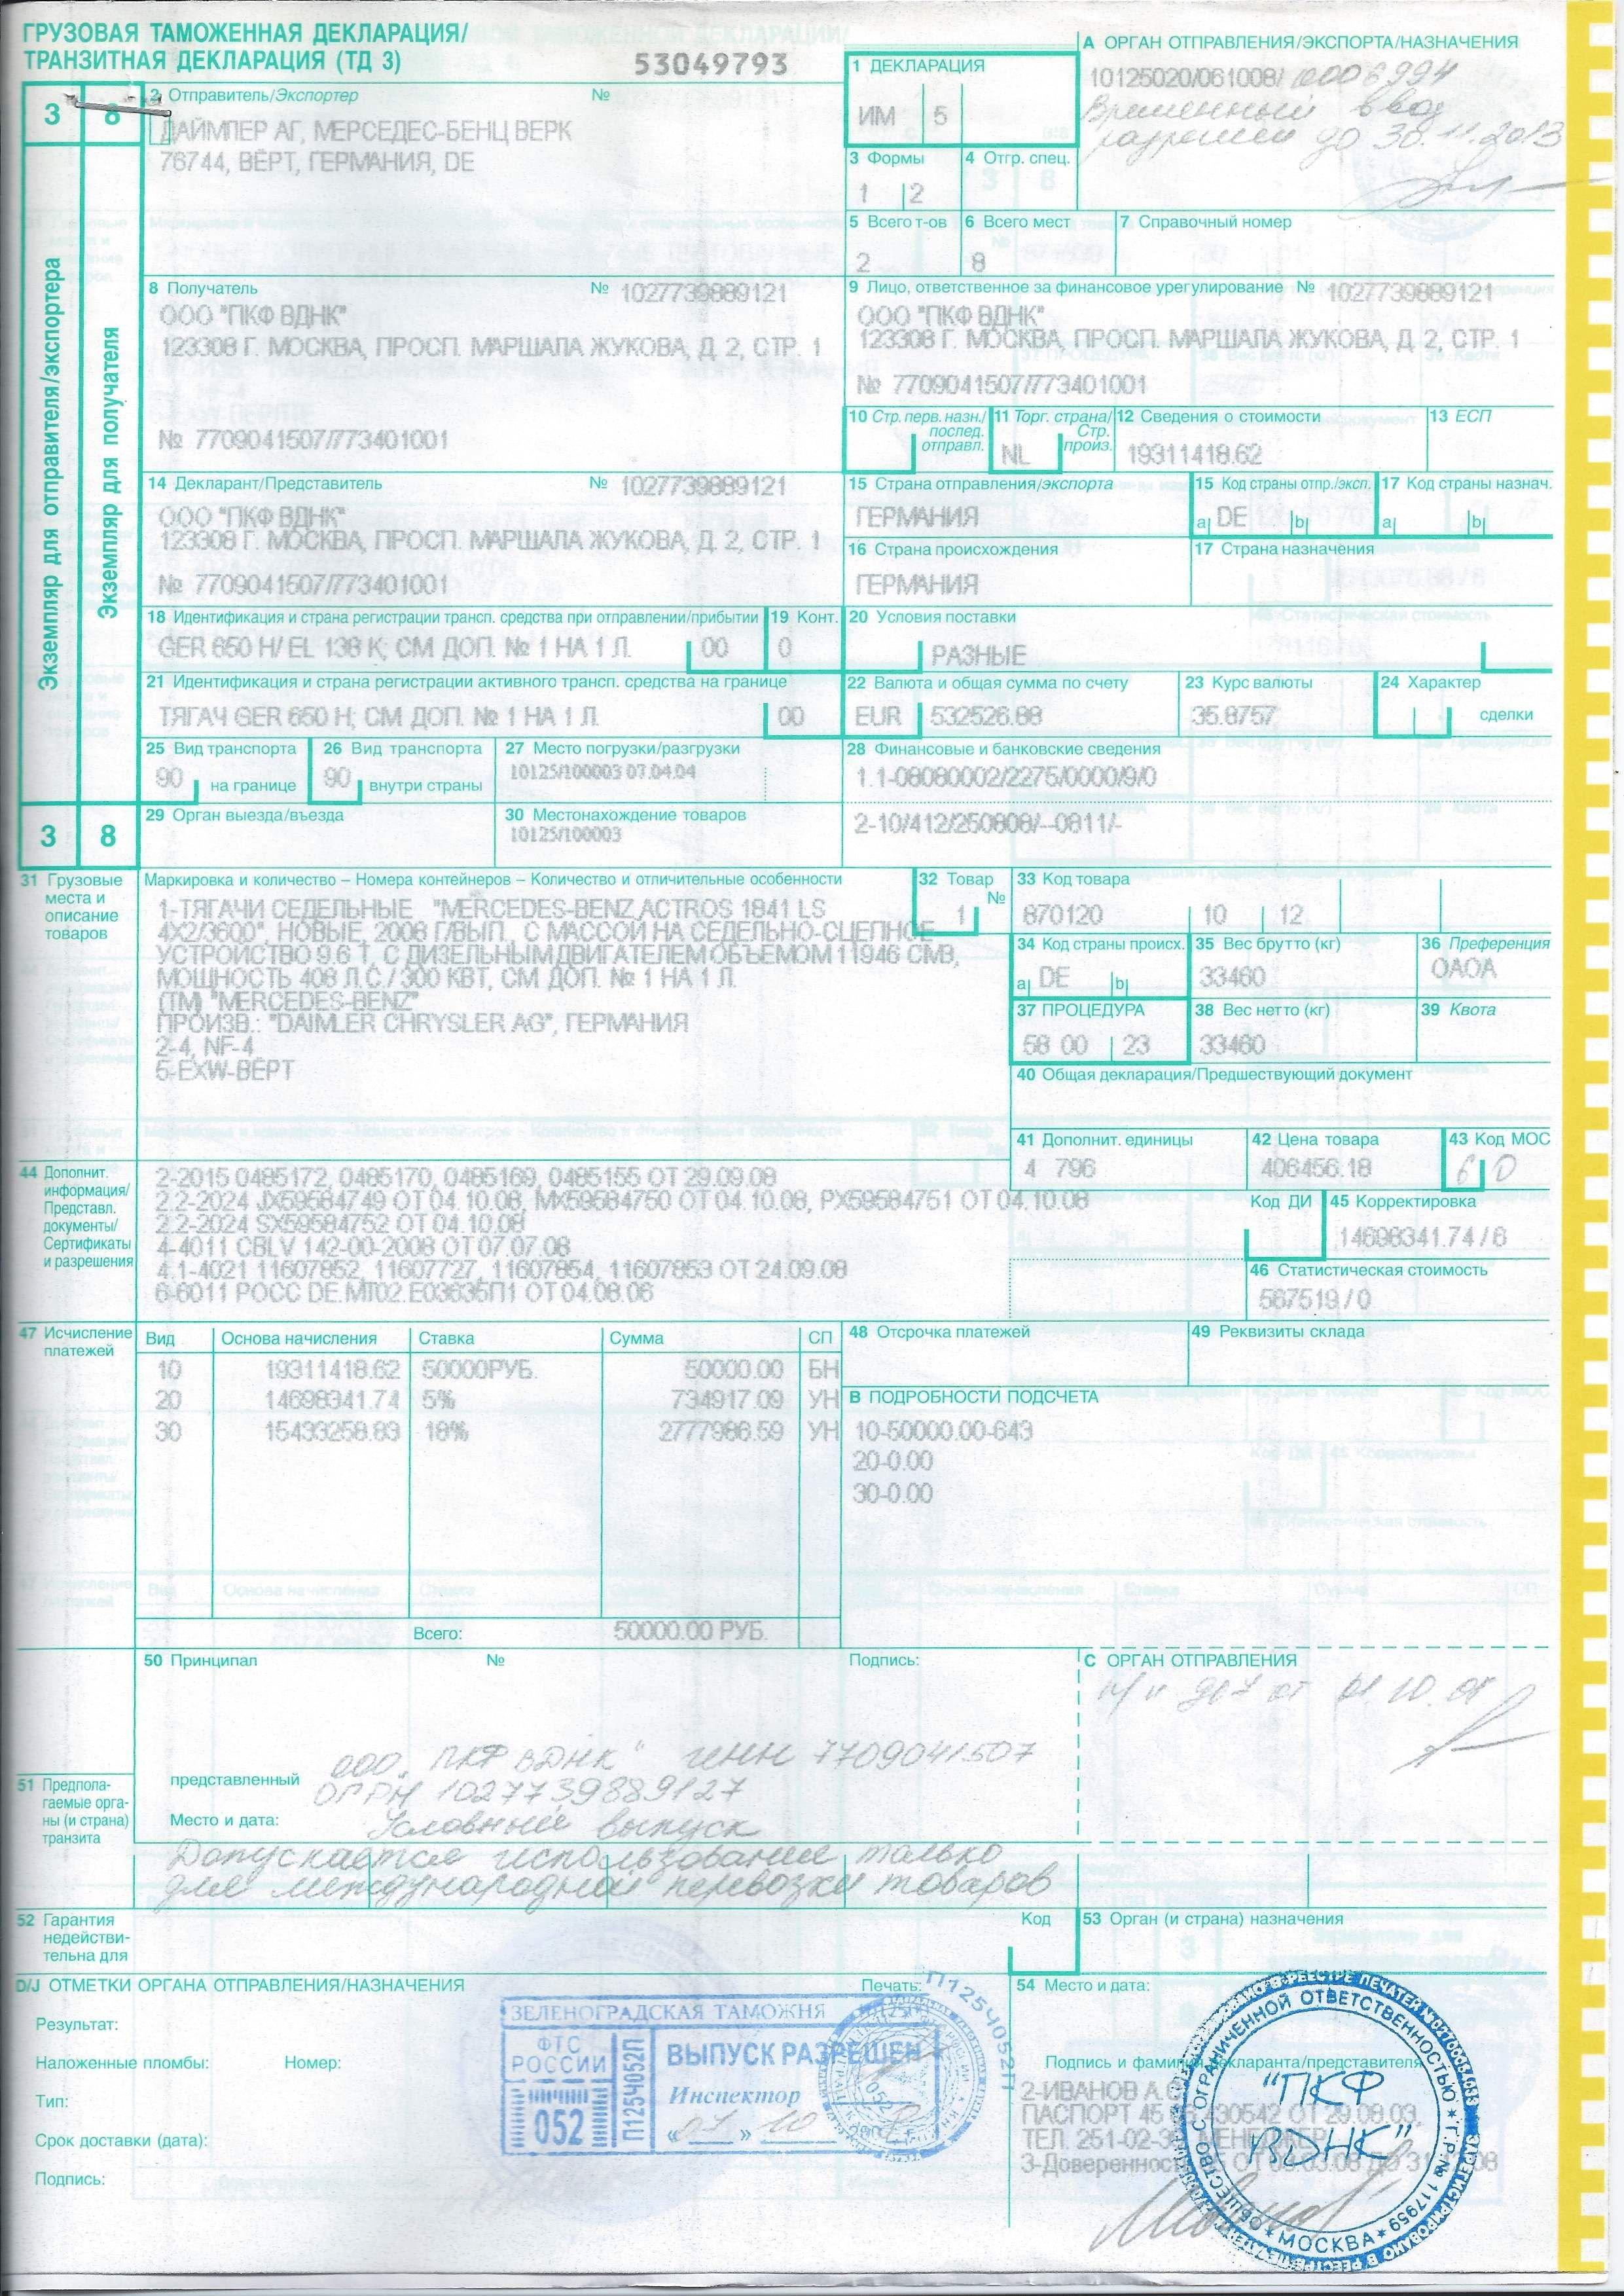 Инструкция о порядке заполнения грузовой таможенной декларации